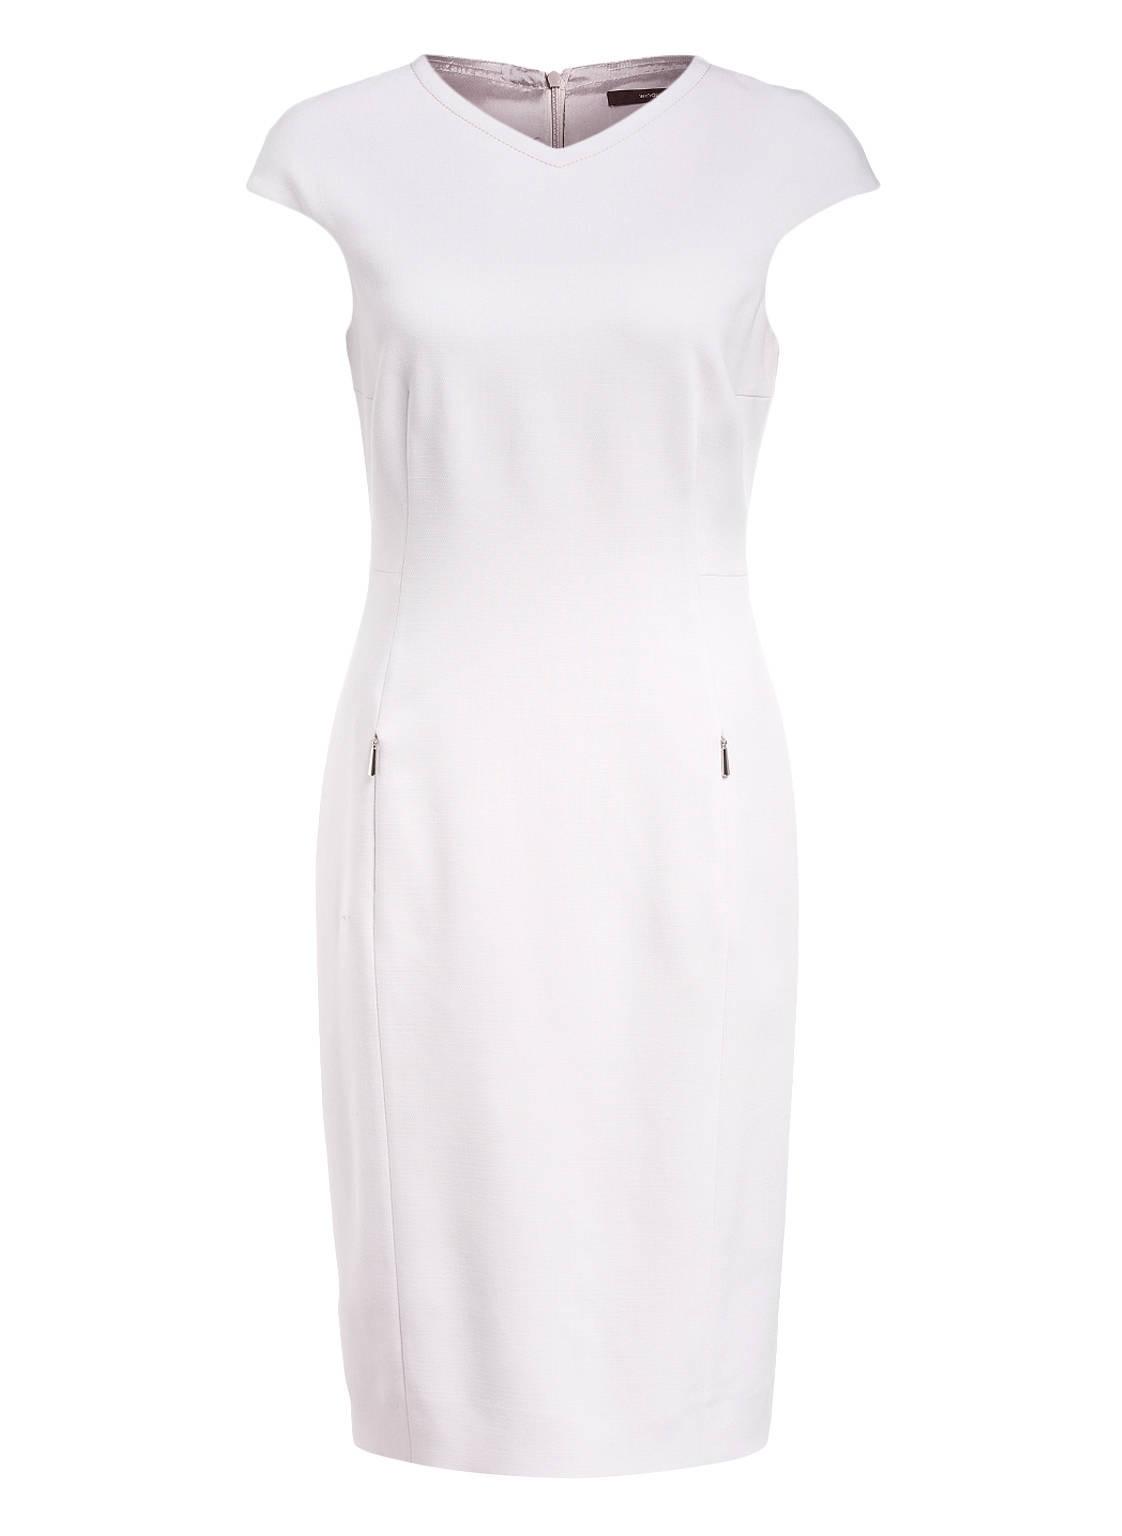 20 Ausgezeichnet Kleid Hellblau Knielang Spezialgebiet10 Fantastisch Kleid Hellblau Knielang Ärmel